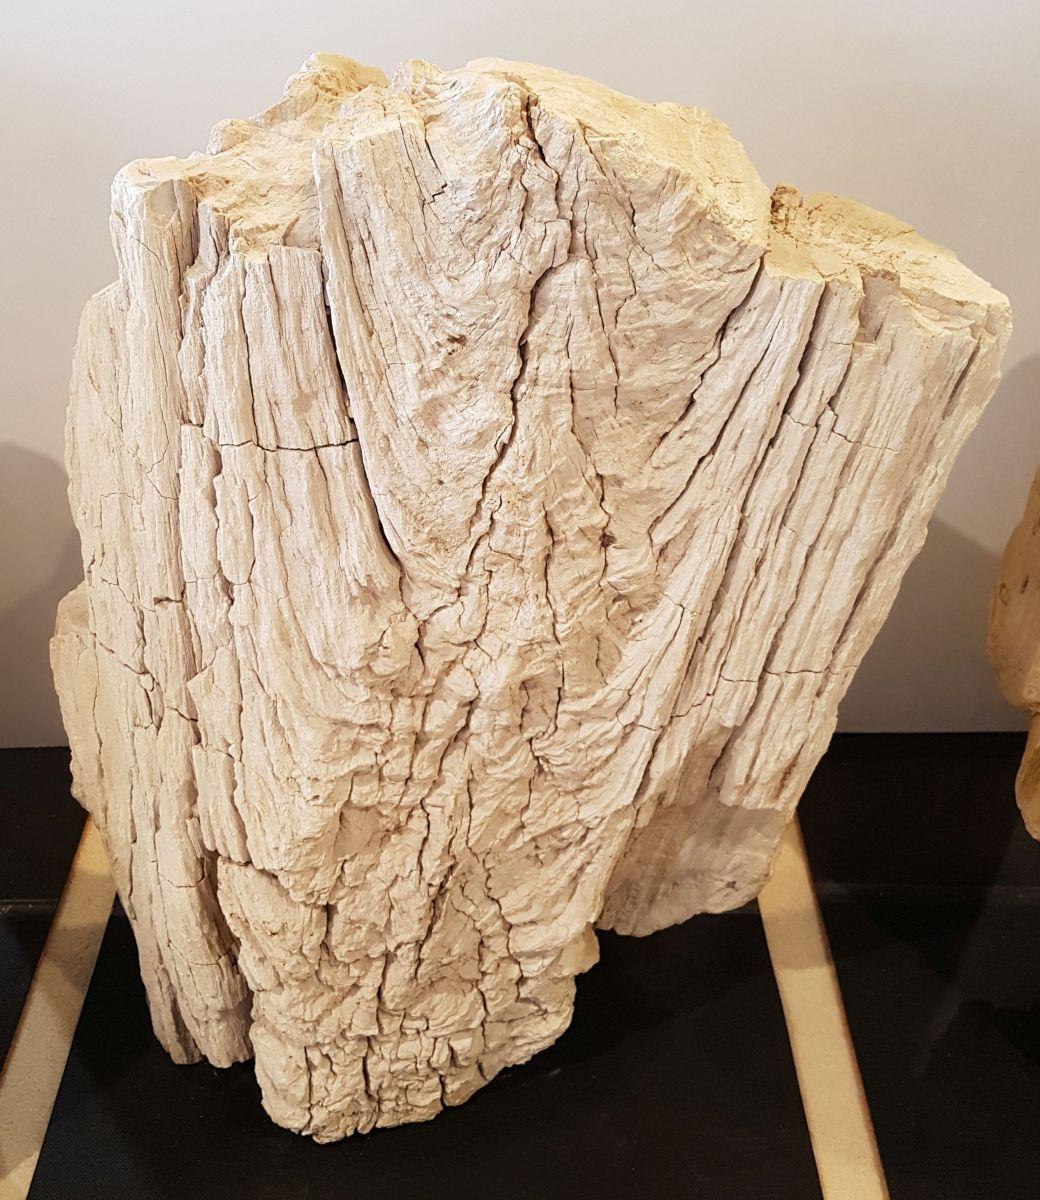 Pierre tombale bois pétrifié 29099